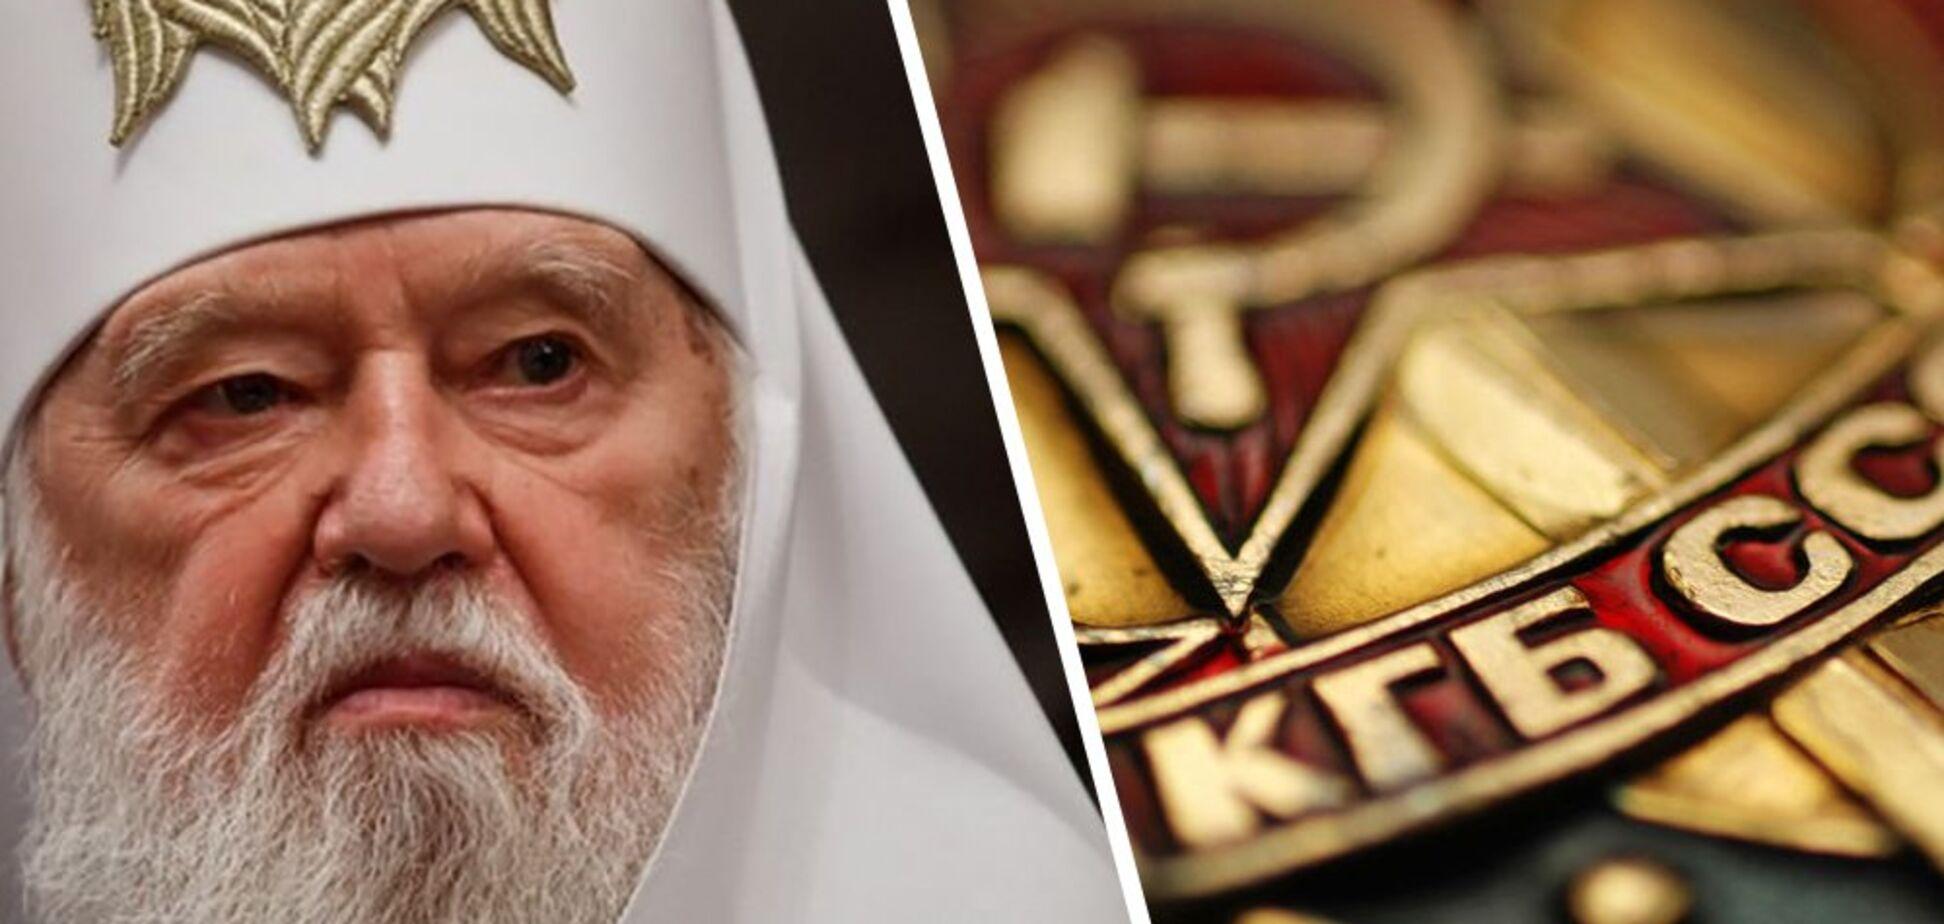 'Сотрудничество с КГБ - не грех': Филарет признался в связях со спецслужбами